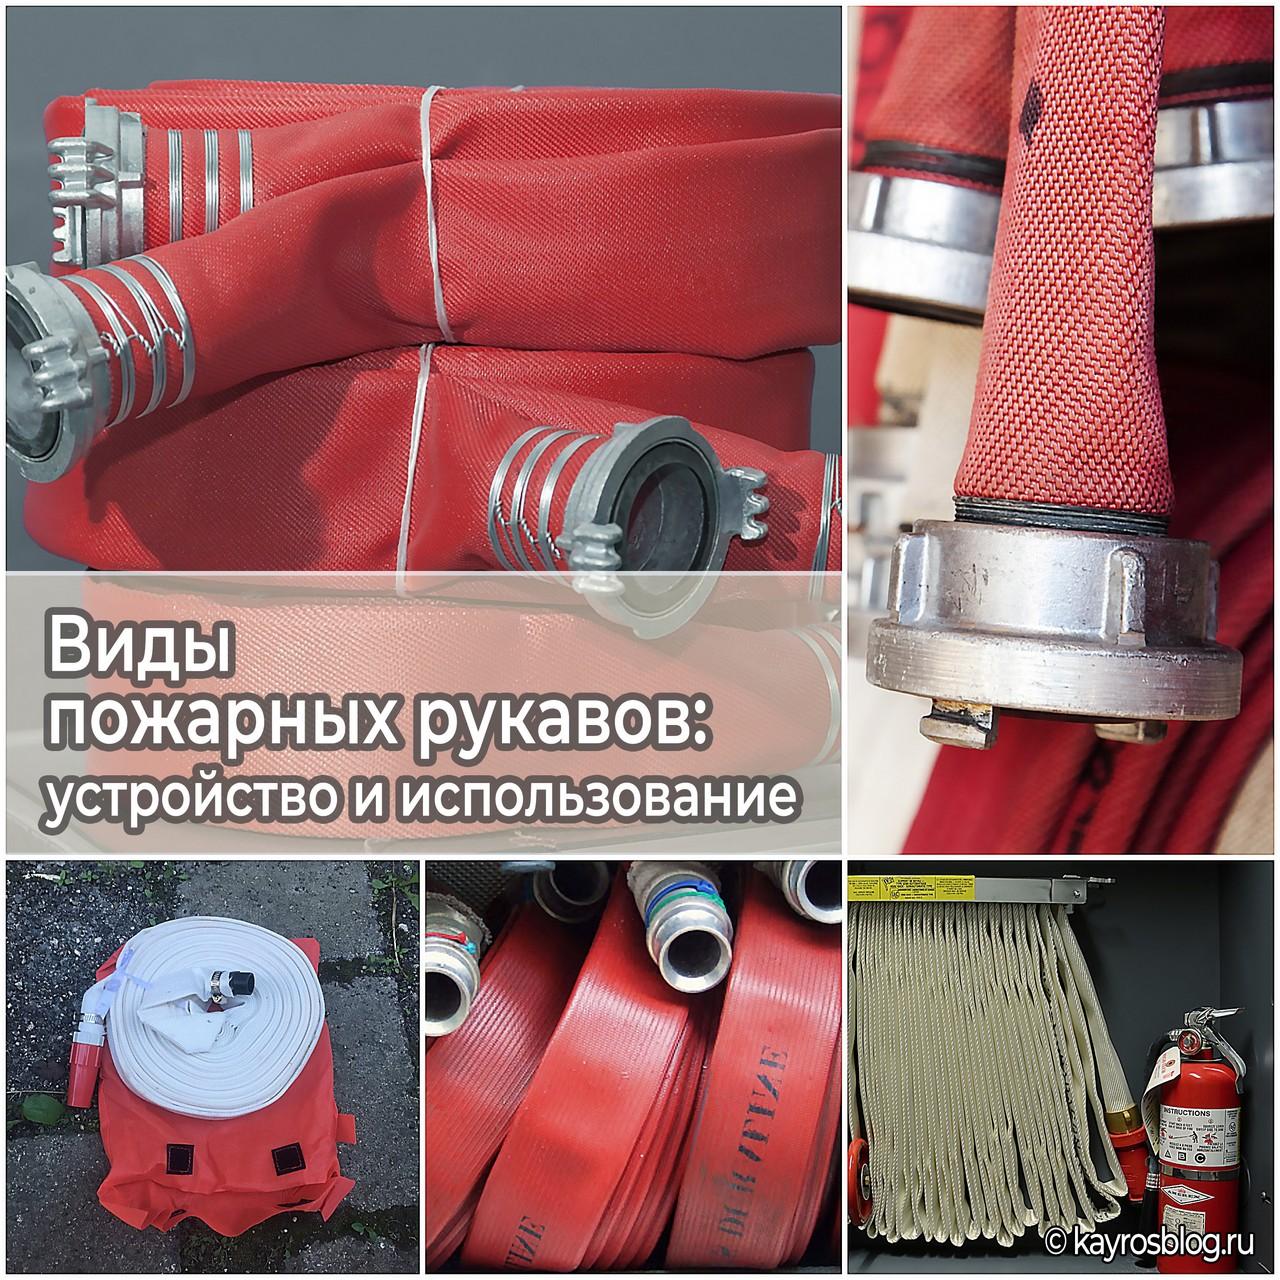 Виды-пожарных-рукавов-устройство-и-использование